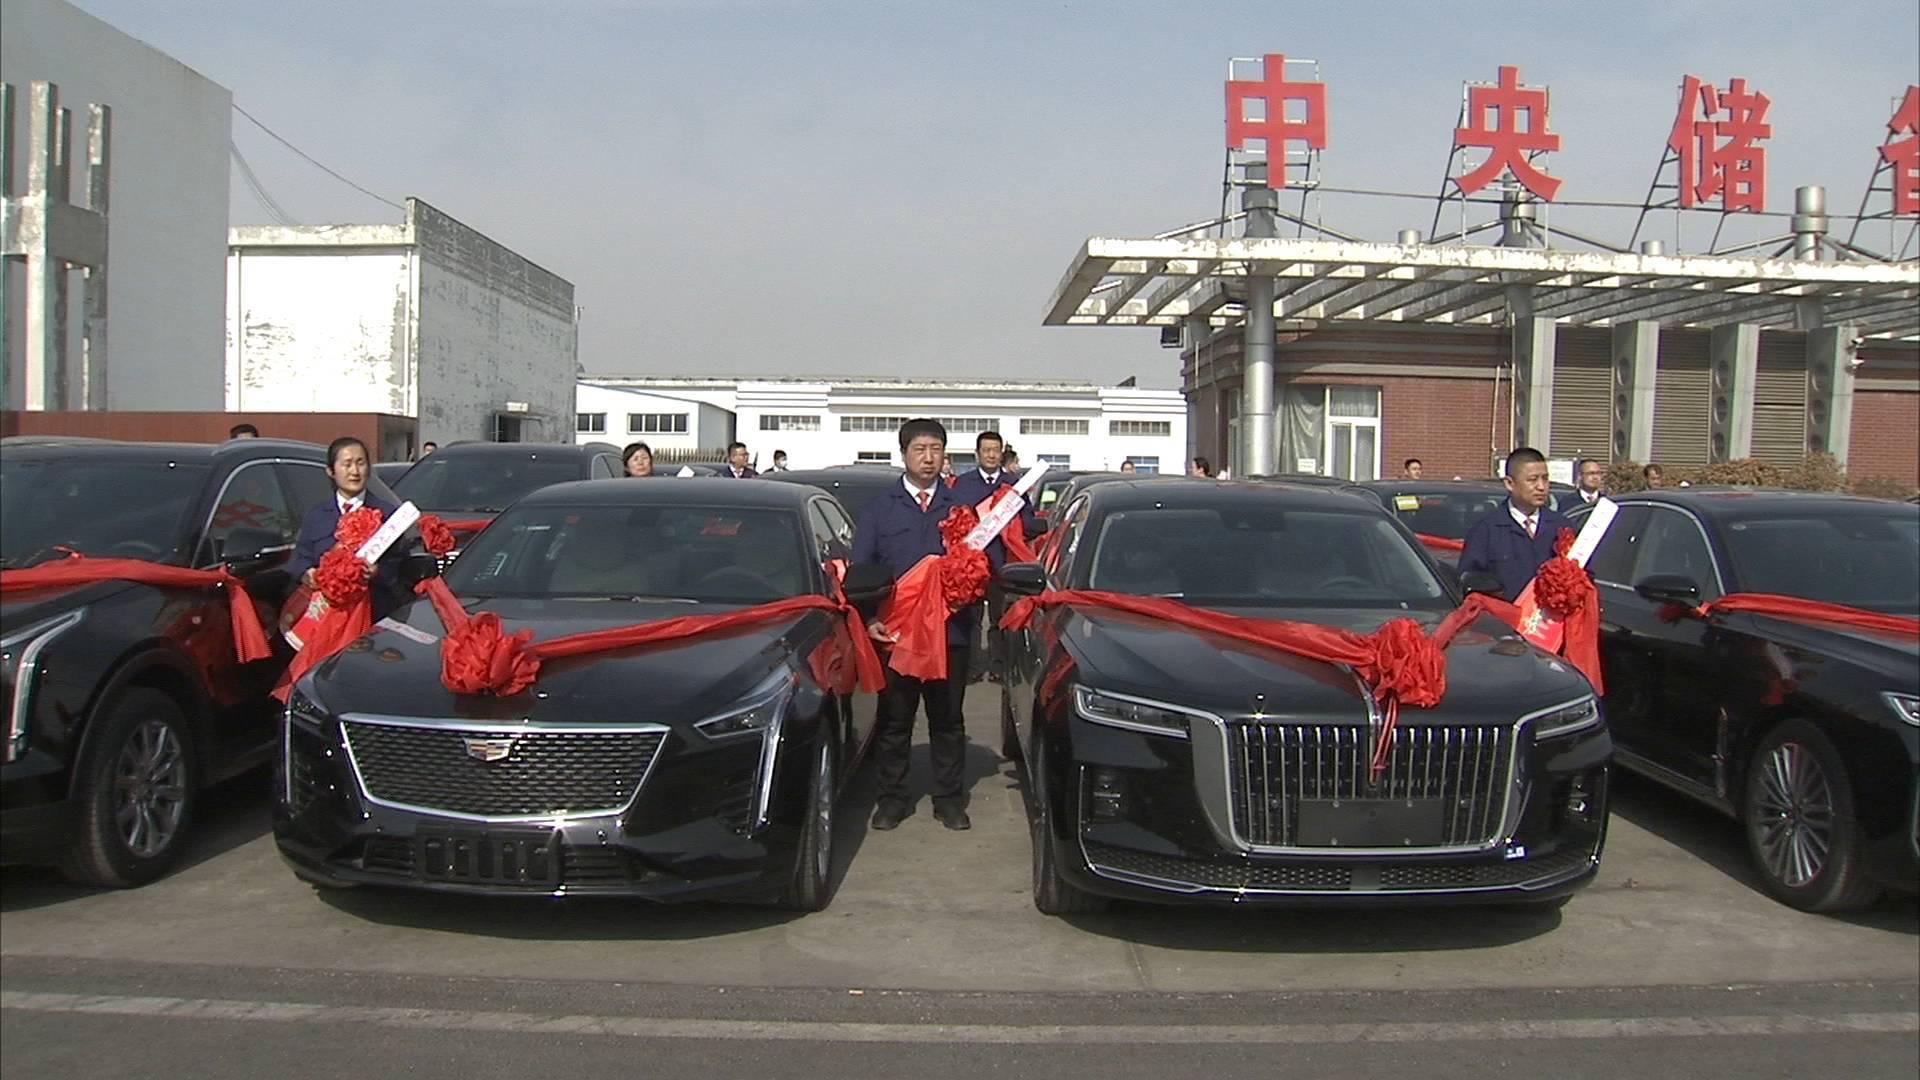 29秒 又是别人家的老板!山东一企业40名员工每人奖励一辆车 总价值1500万